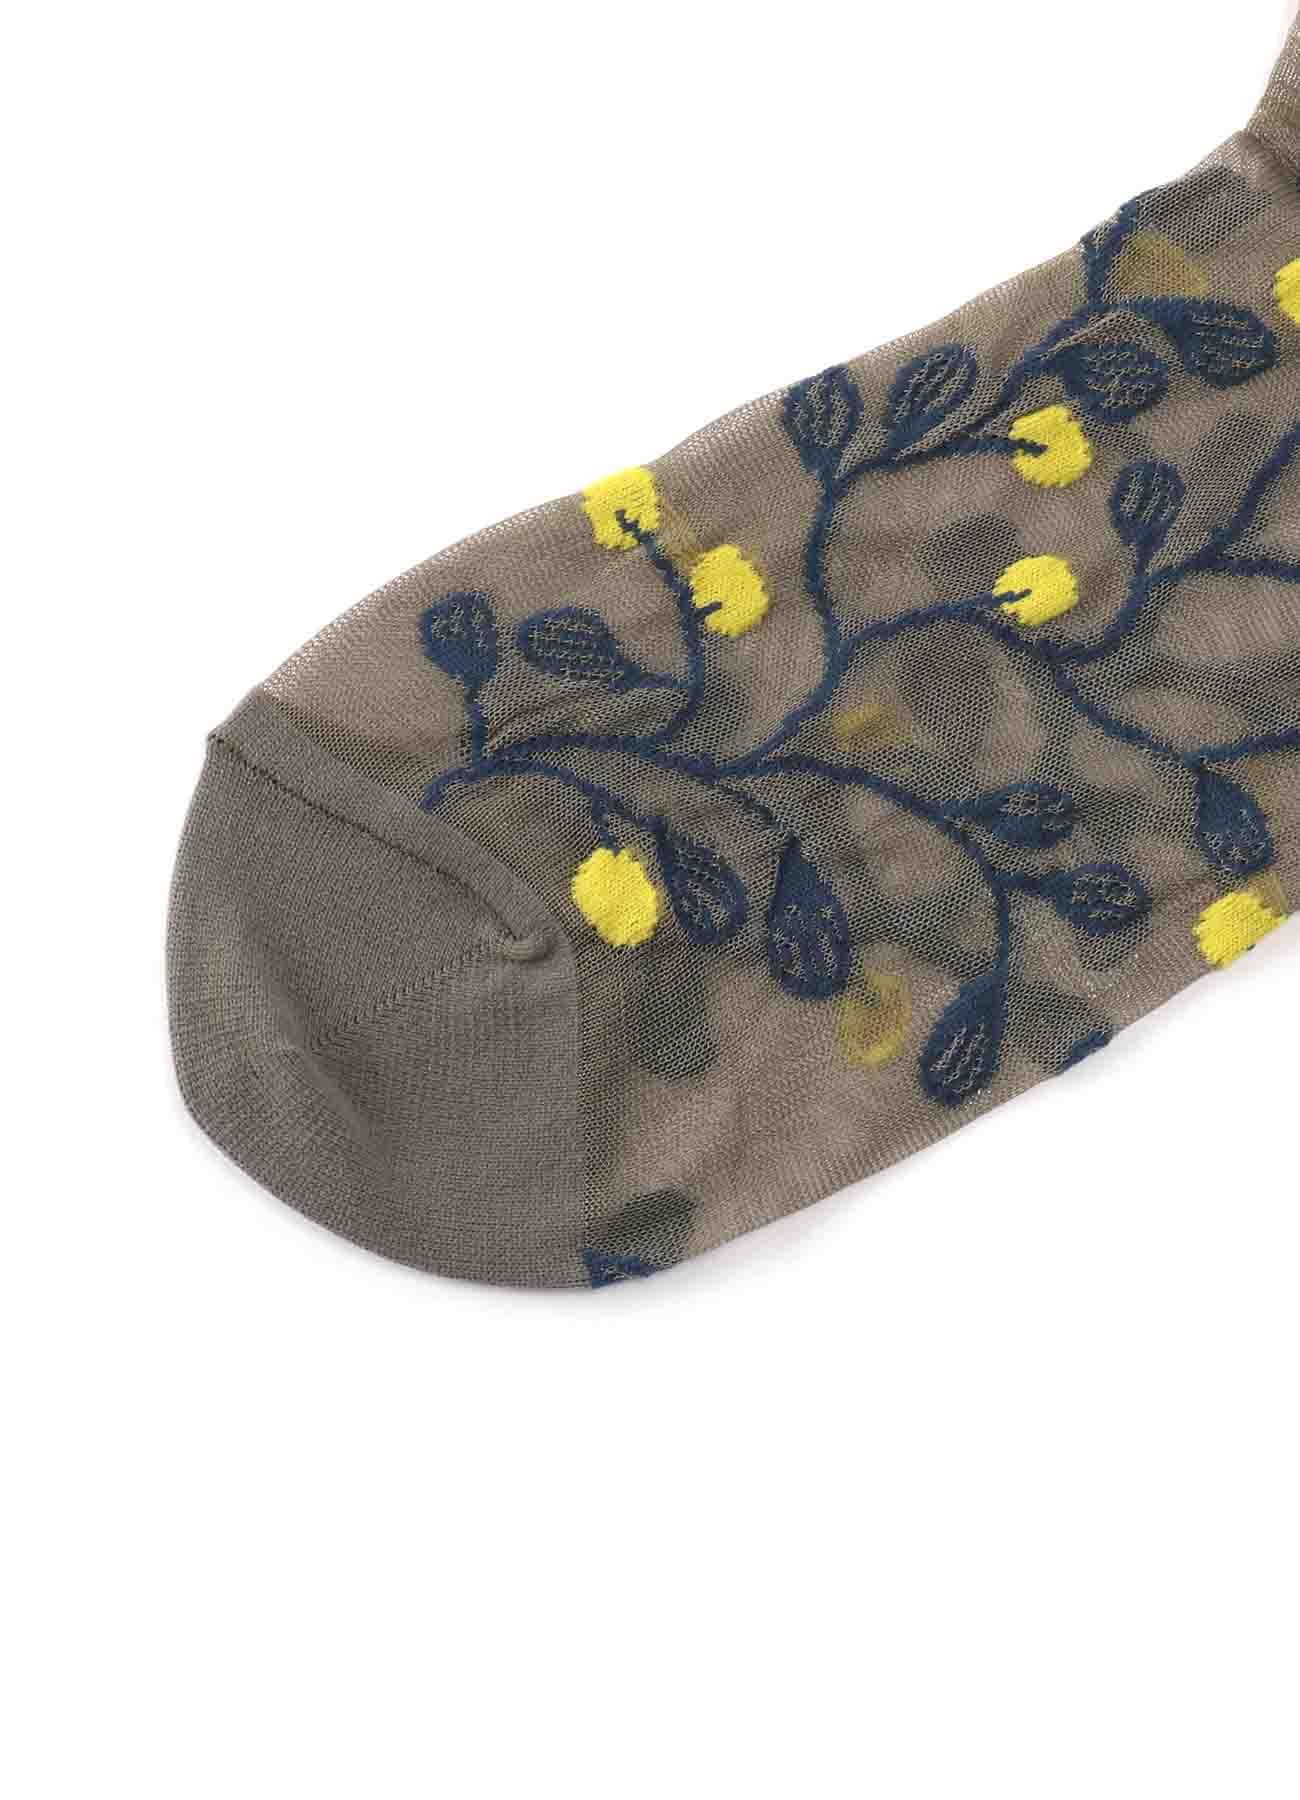 多彩刺绣尼龙袜